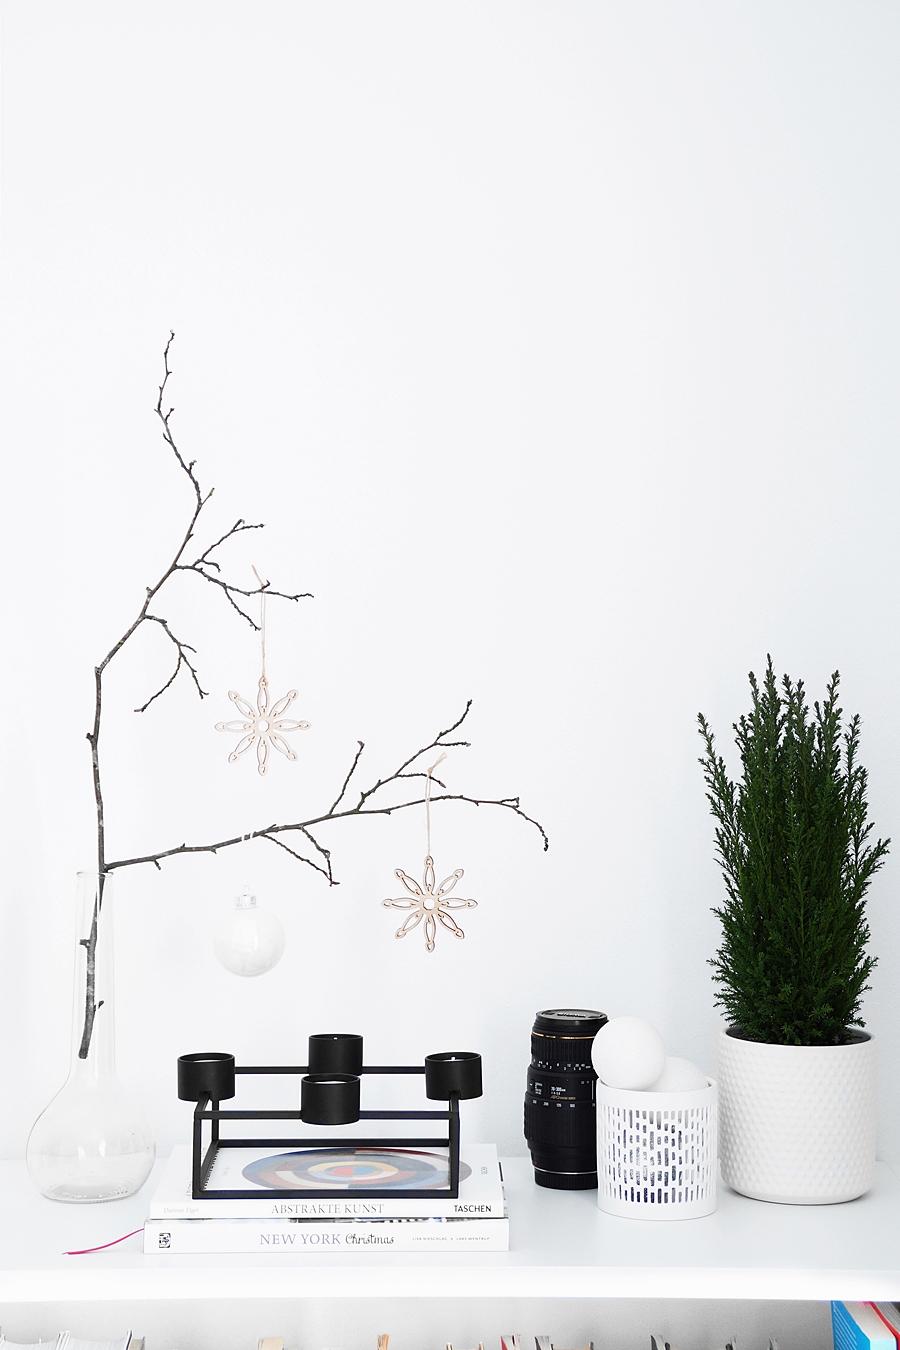 Weihnachtsdeko mit Zypresse modern minimalistisch in schwarz-weiß